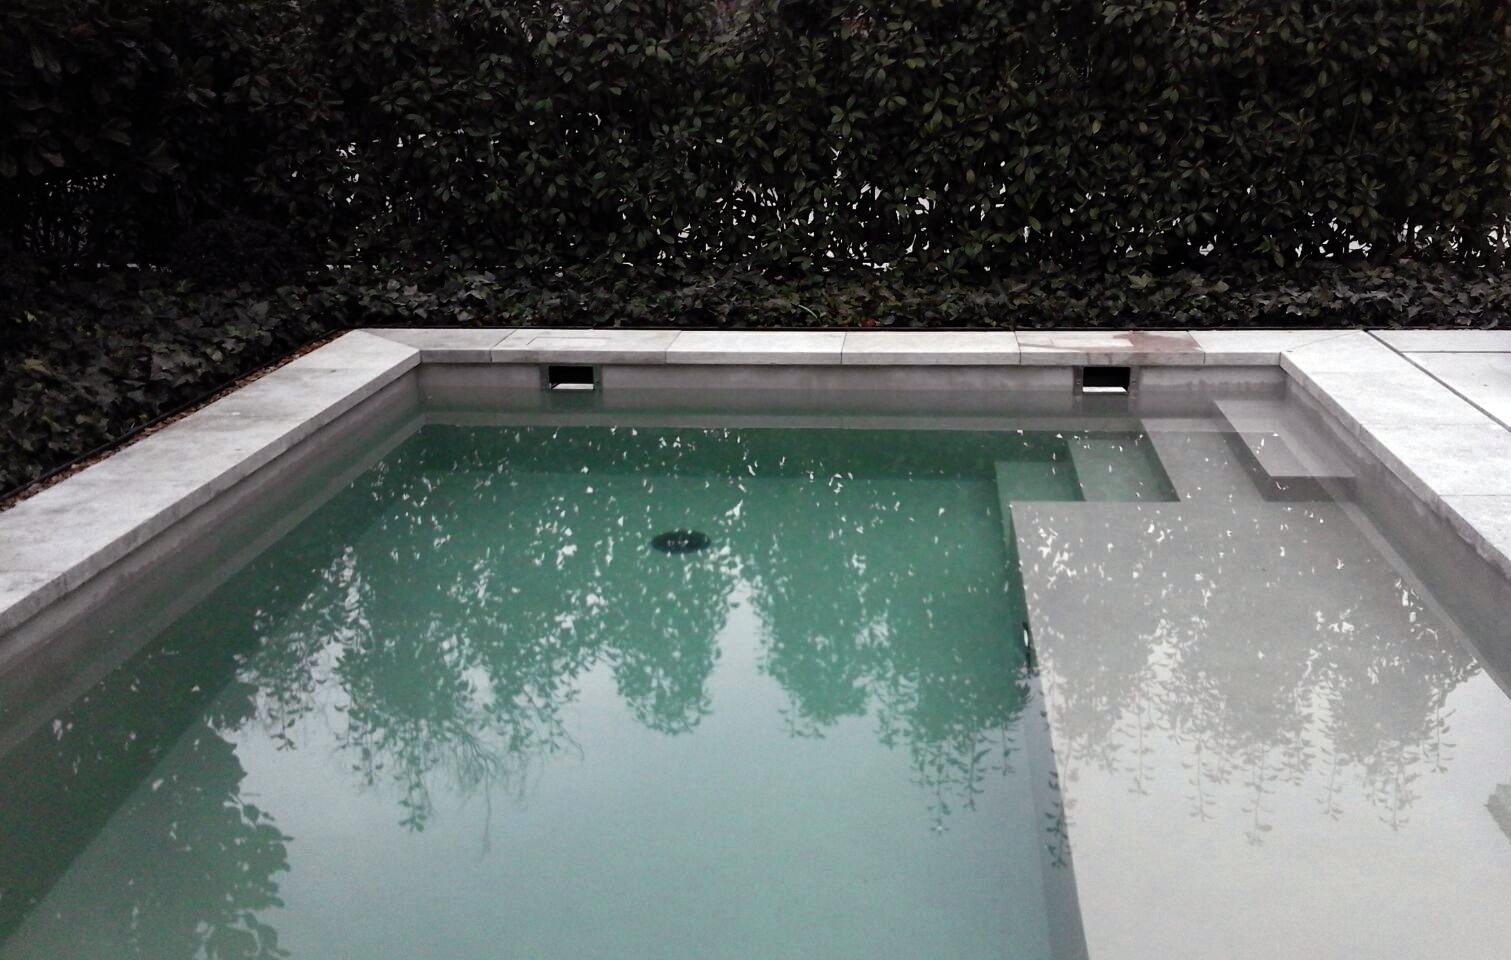 Izal paisajismo interiorismo y piscinas empresa de - Construccion de piscinas madrid ...